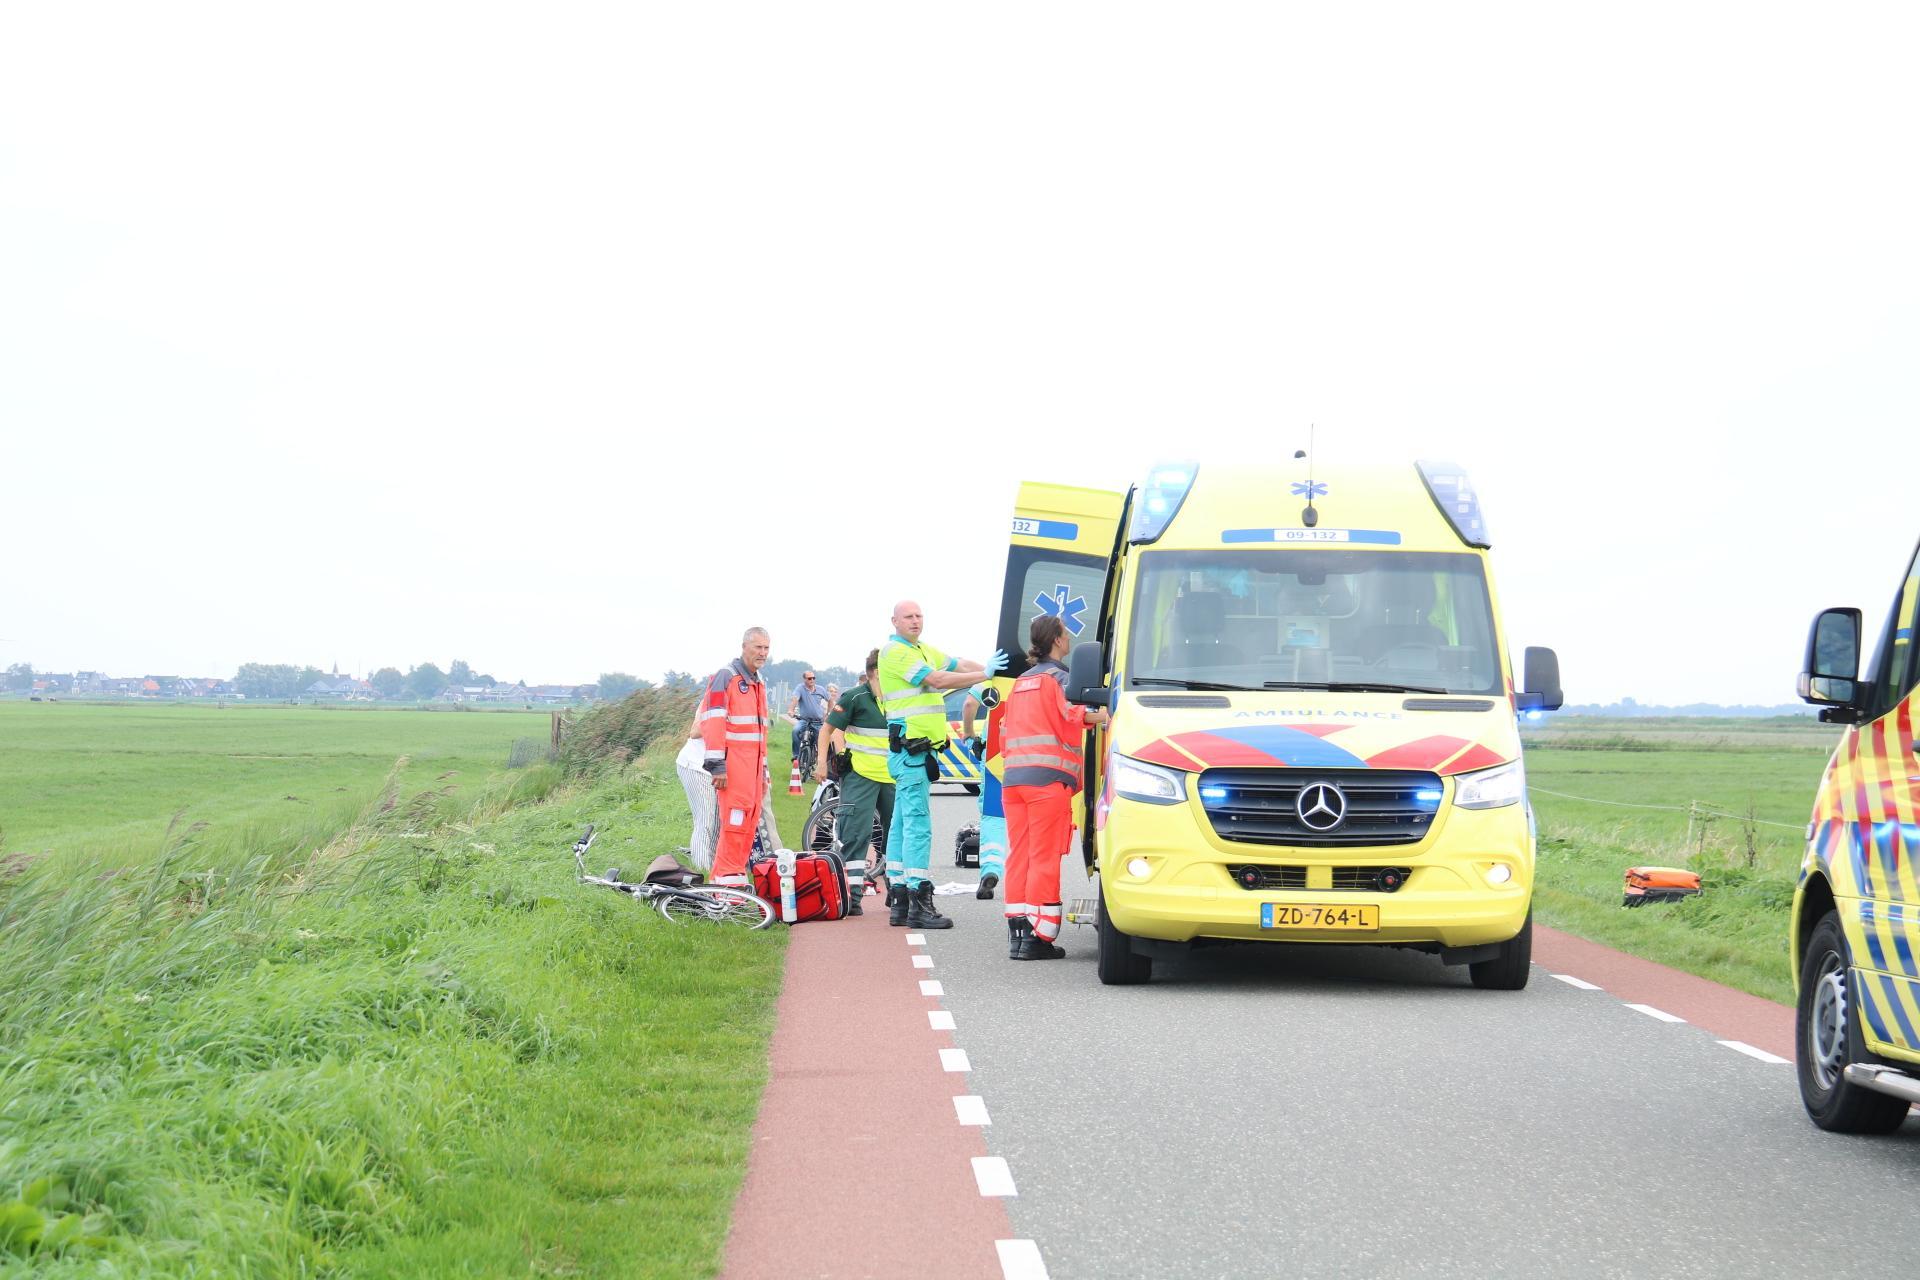 Politie nog steeds op zoek naar snelfietser die vrouwen het ziekenhuis inreed in Eemnesser polder. Herhaalde oproep voor getuige in blauwe auto